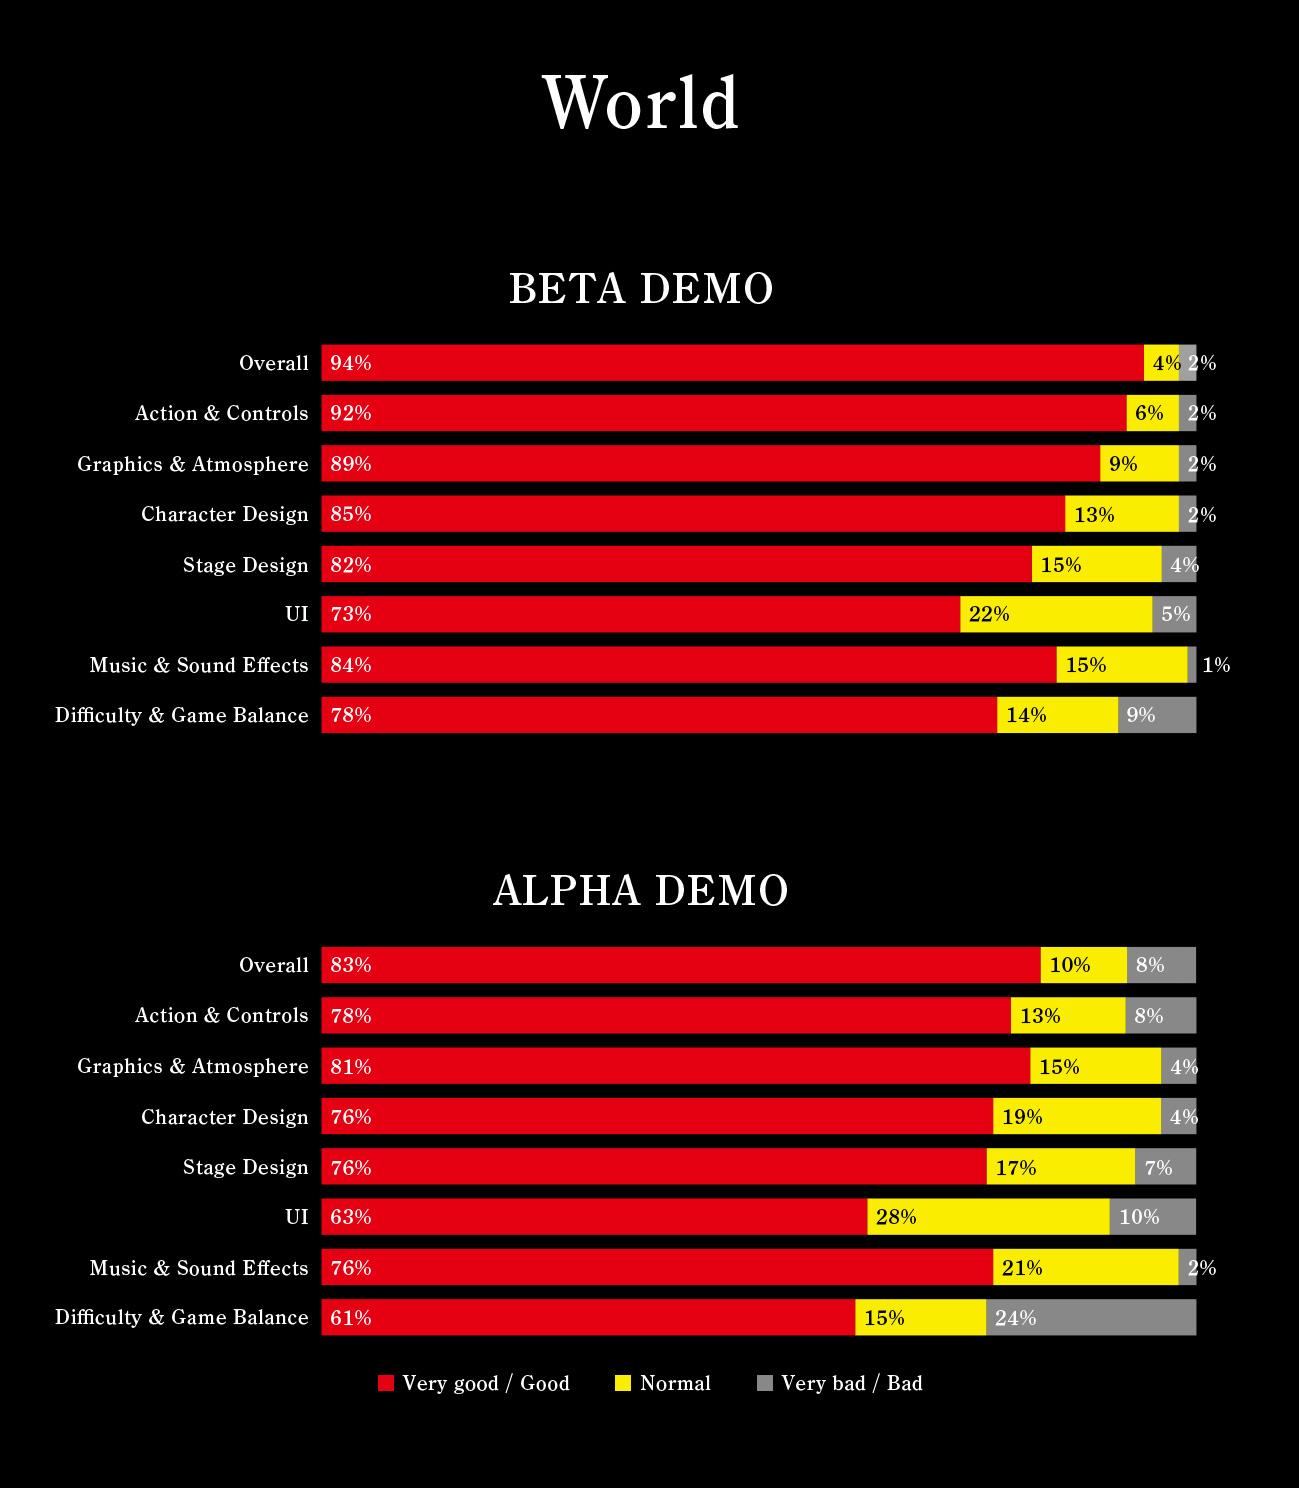 NiOh - výsledky průzkumu z beta dema 130916